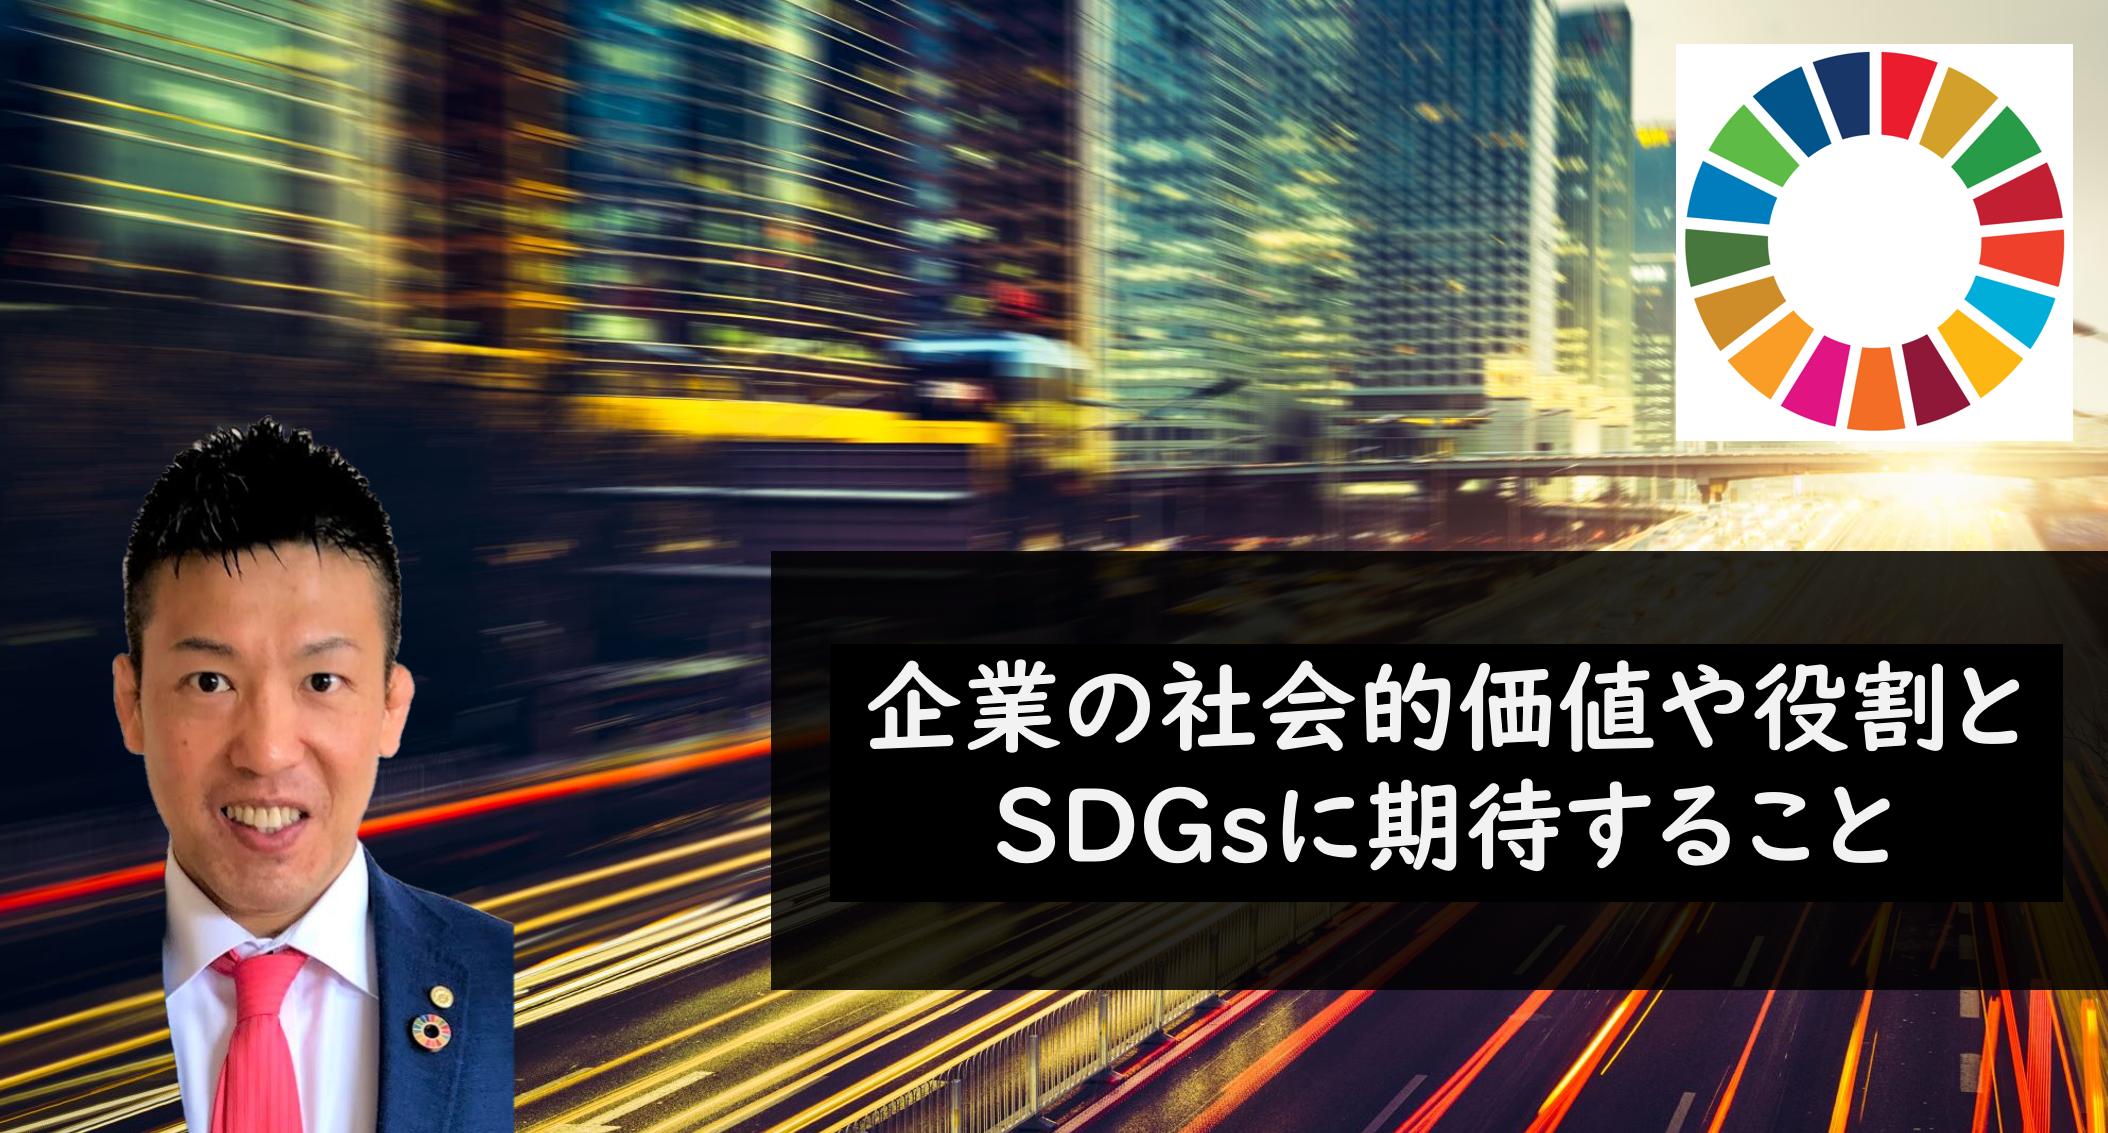 企業の役割とSDGs